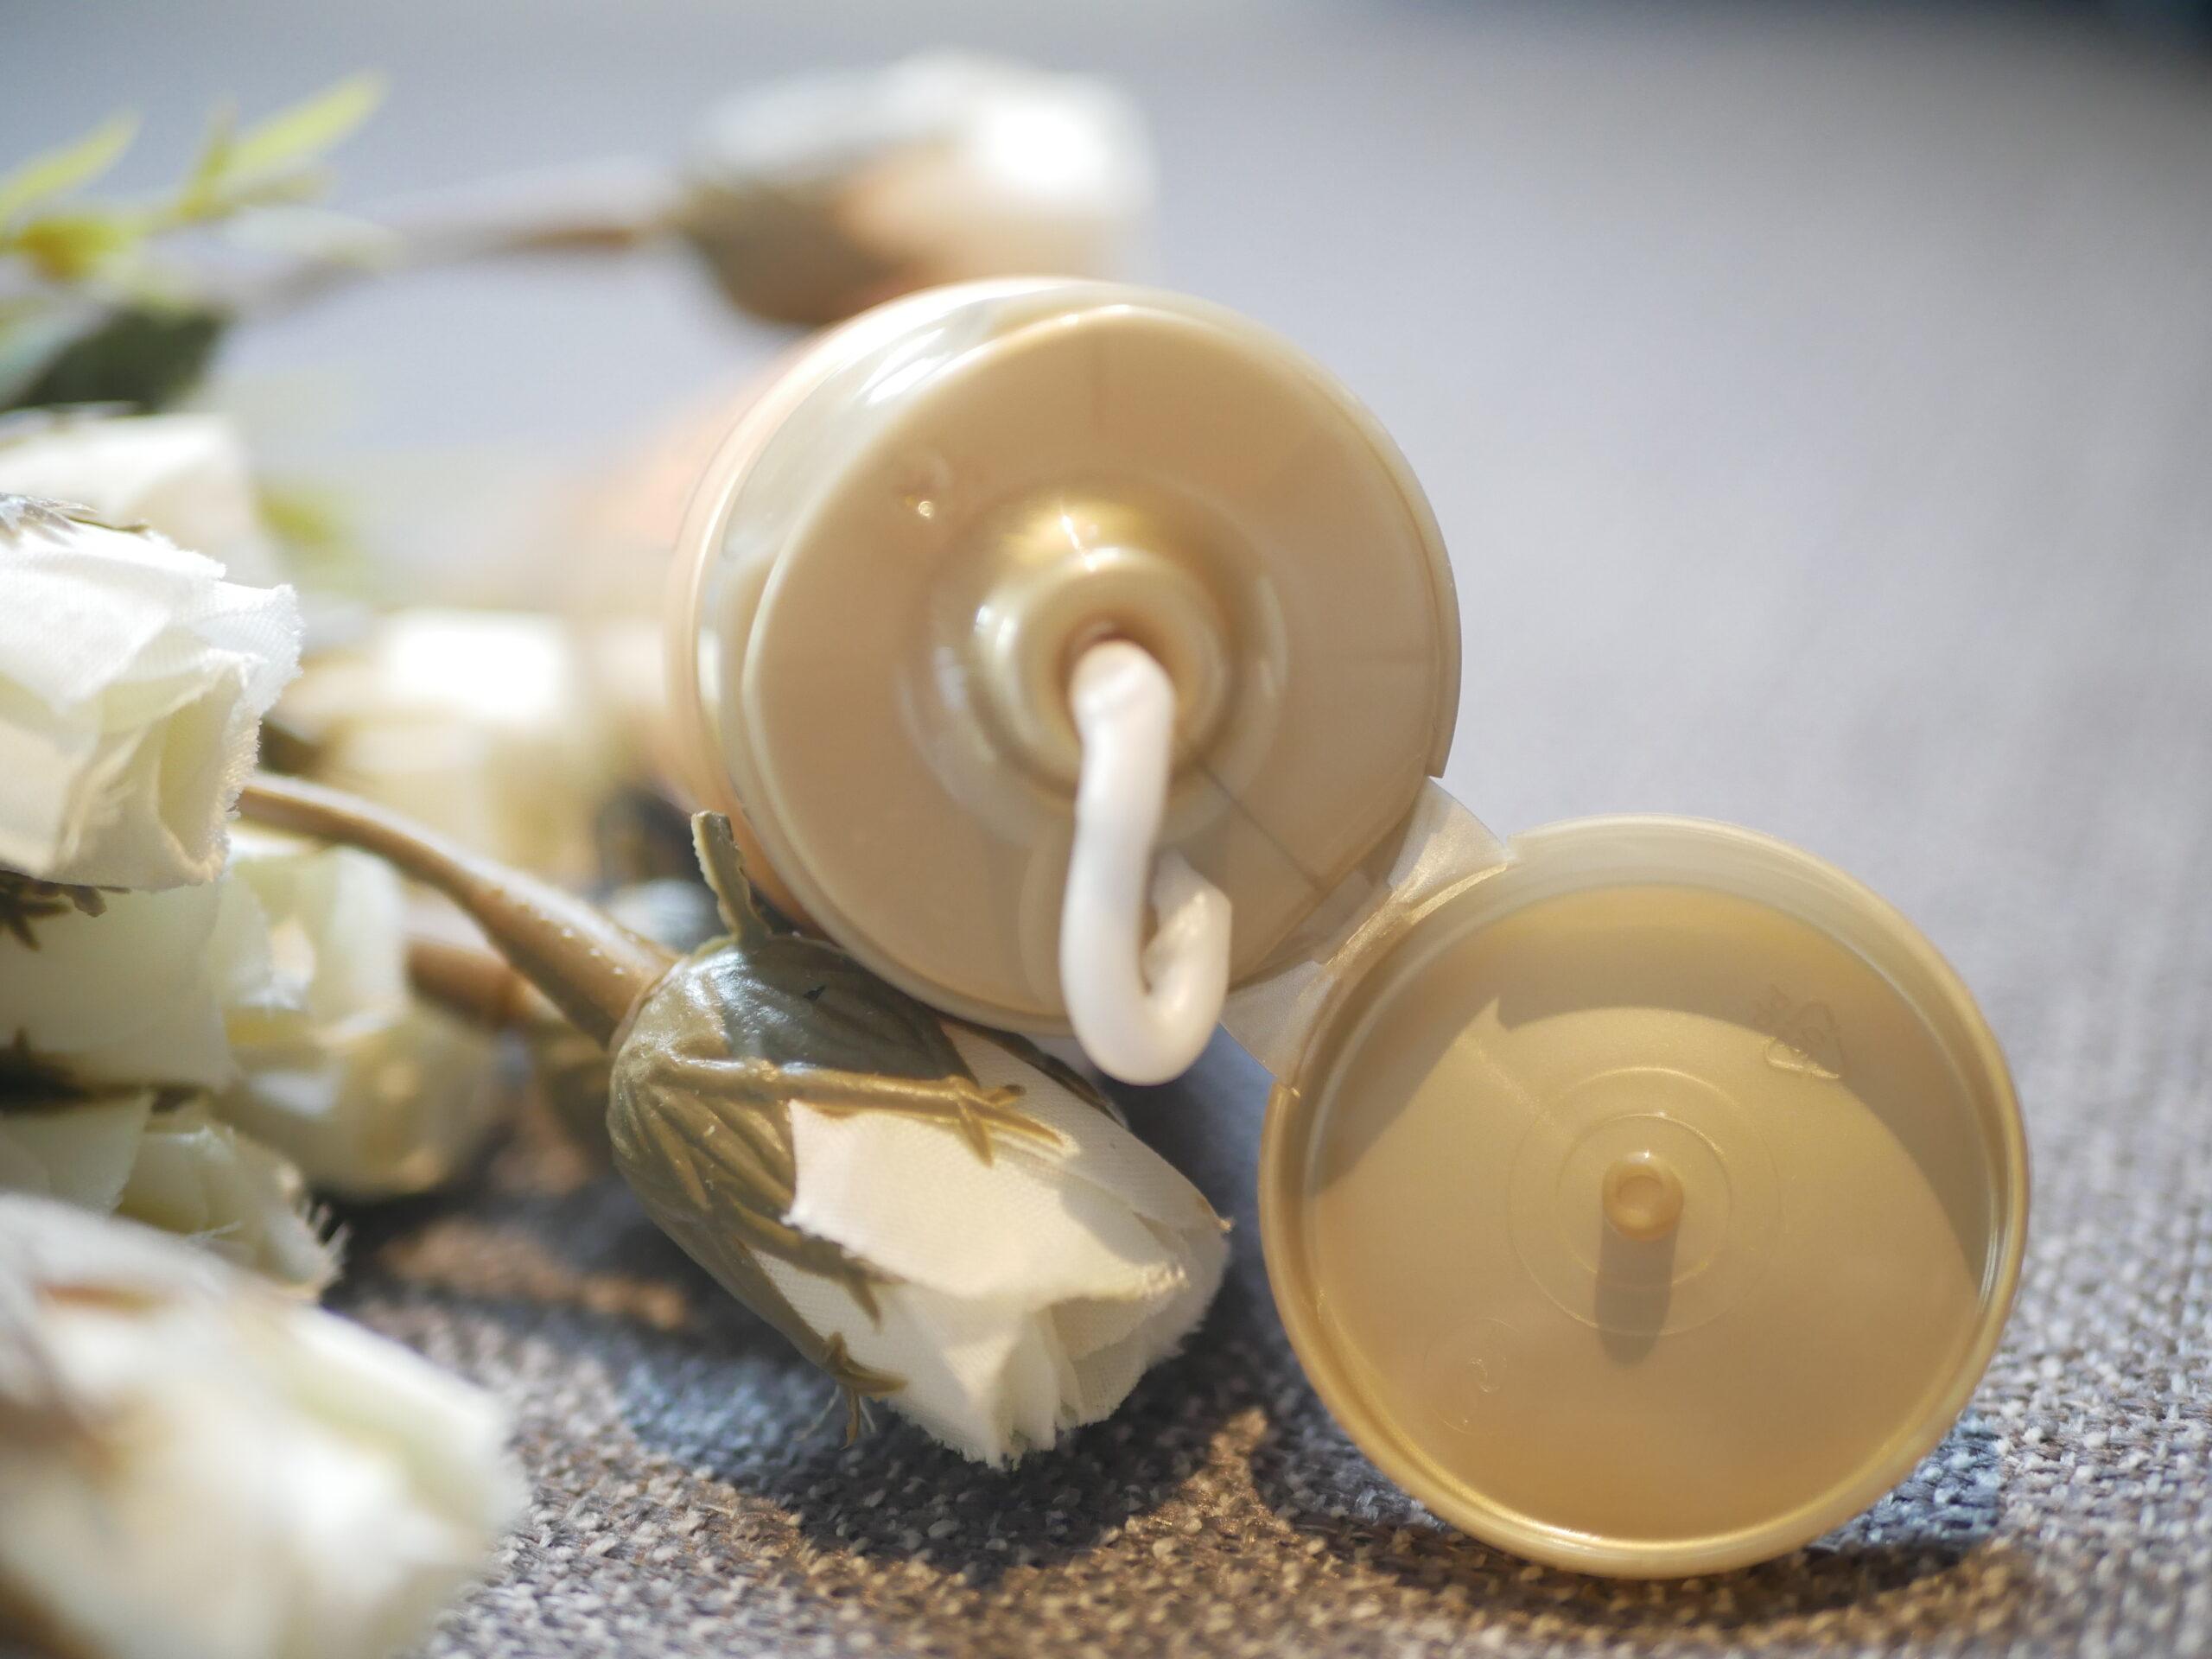 Nurish Organiq 24K Gold Foamy Cleanser